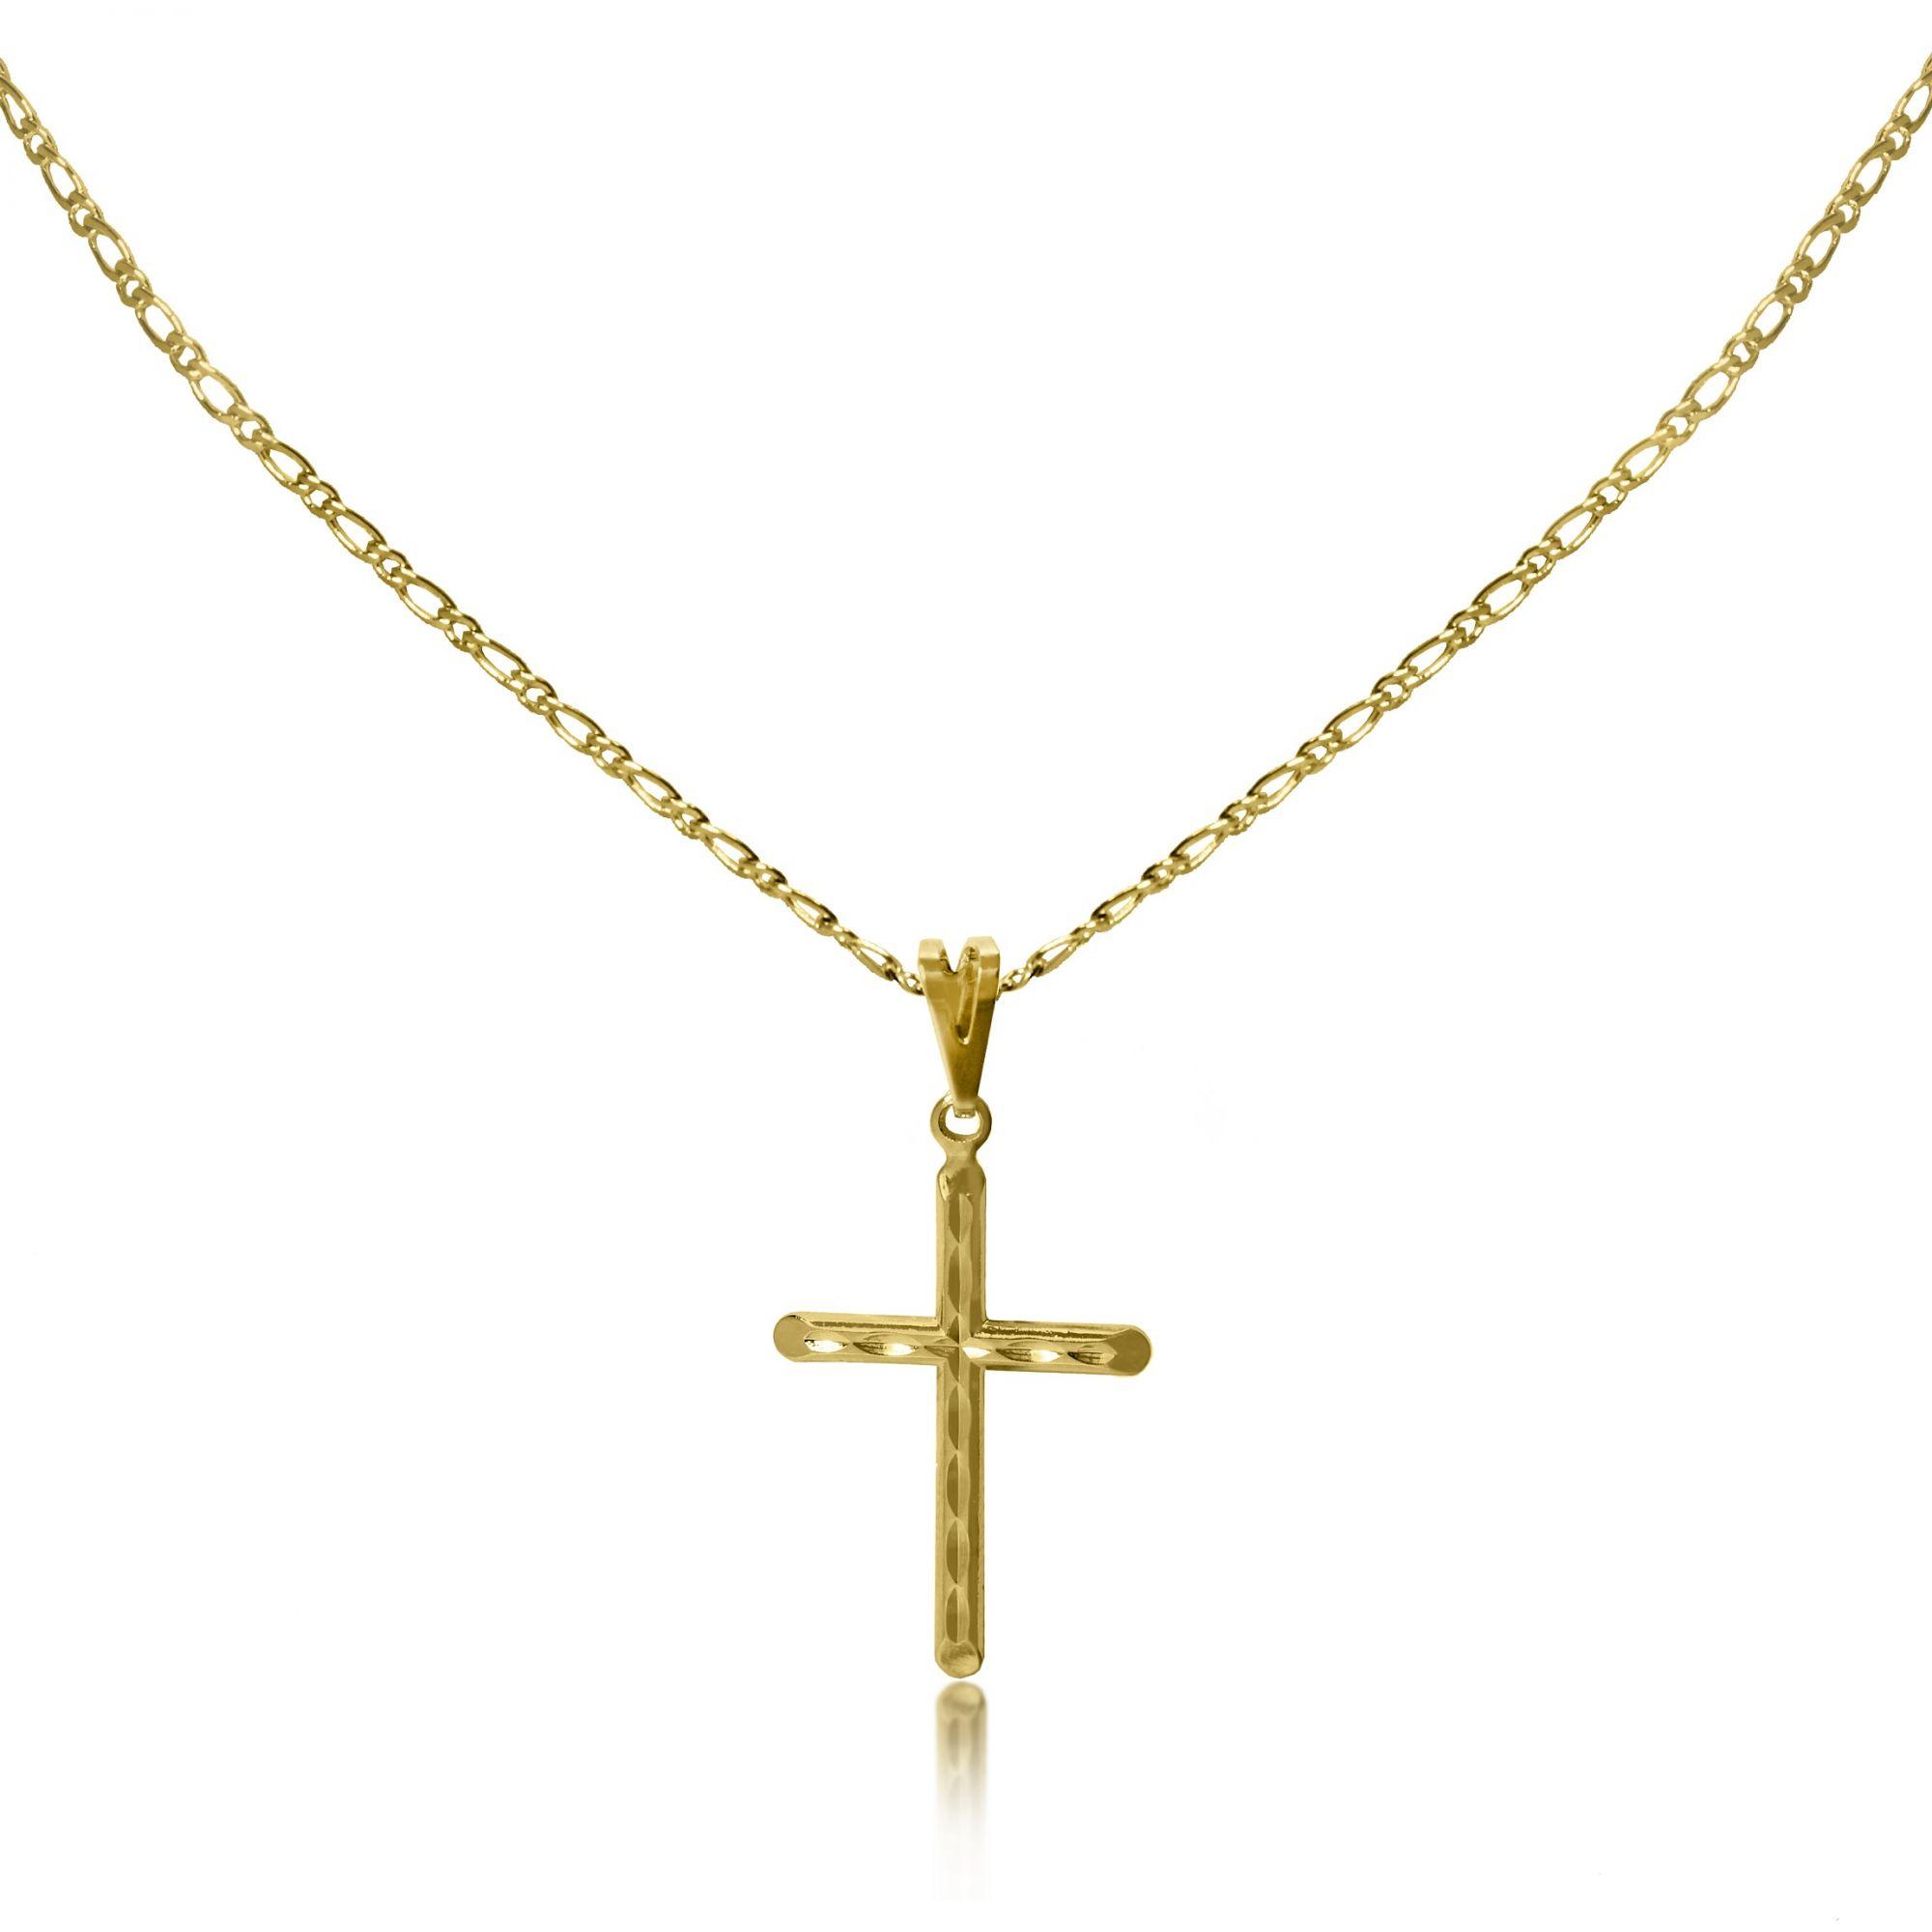 5860a66f012e4 Corrente Masculina Cruz Diamantada Folheado Ouro 18k